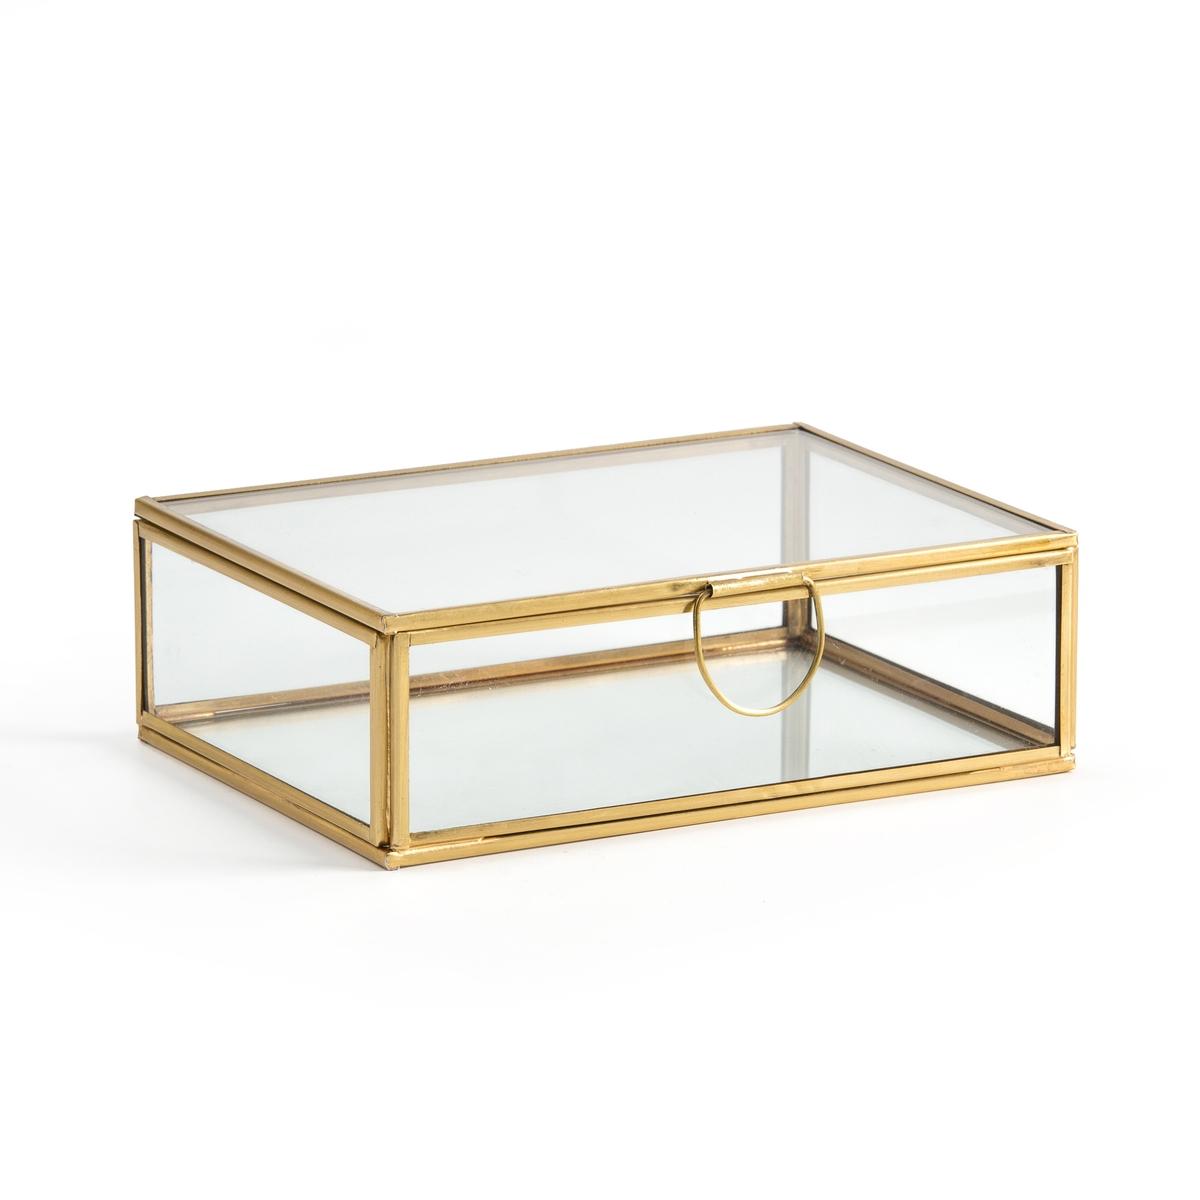 Коробка-витрина La Redoute Из стекла и латуни прямоугольная Uyova единый размер желтый бра la redoute из латуни и опалового стекла moricio единый размер белый